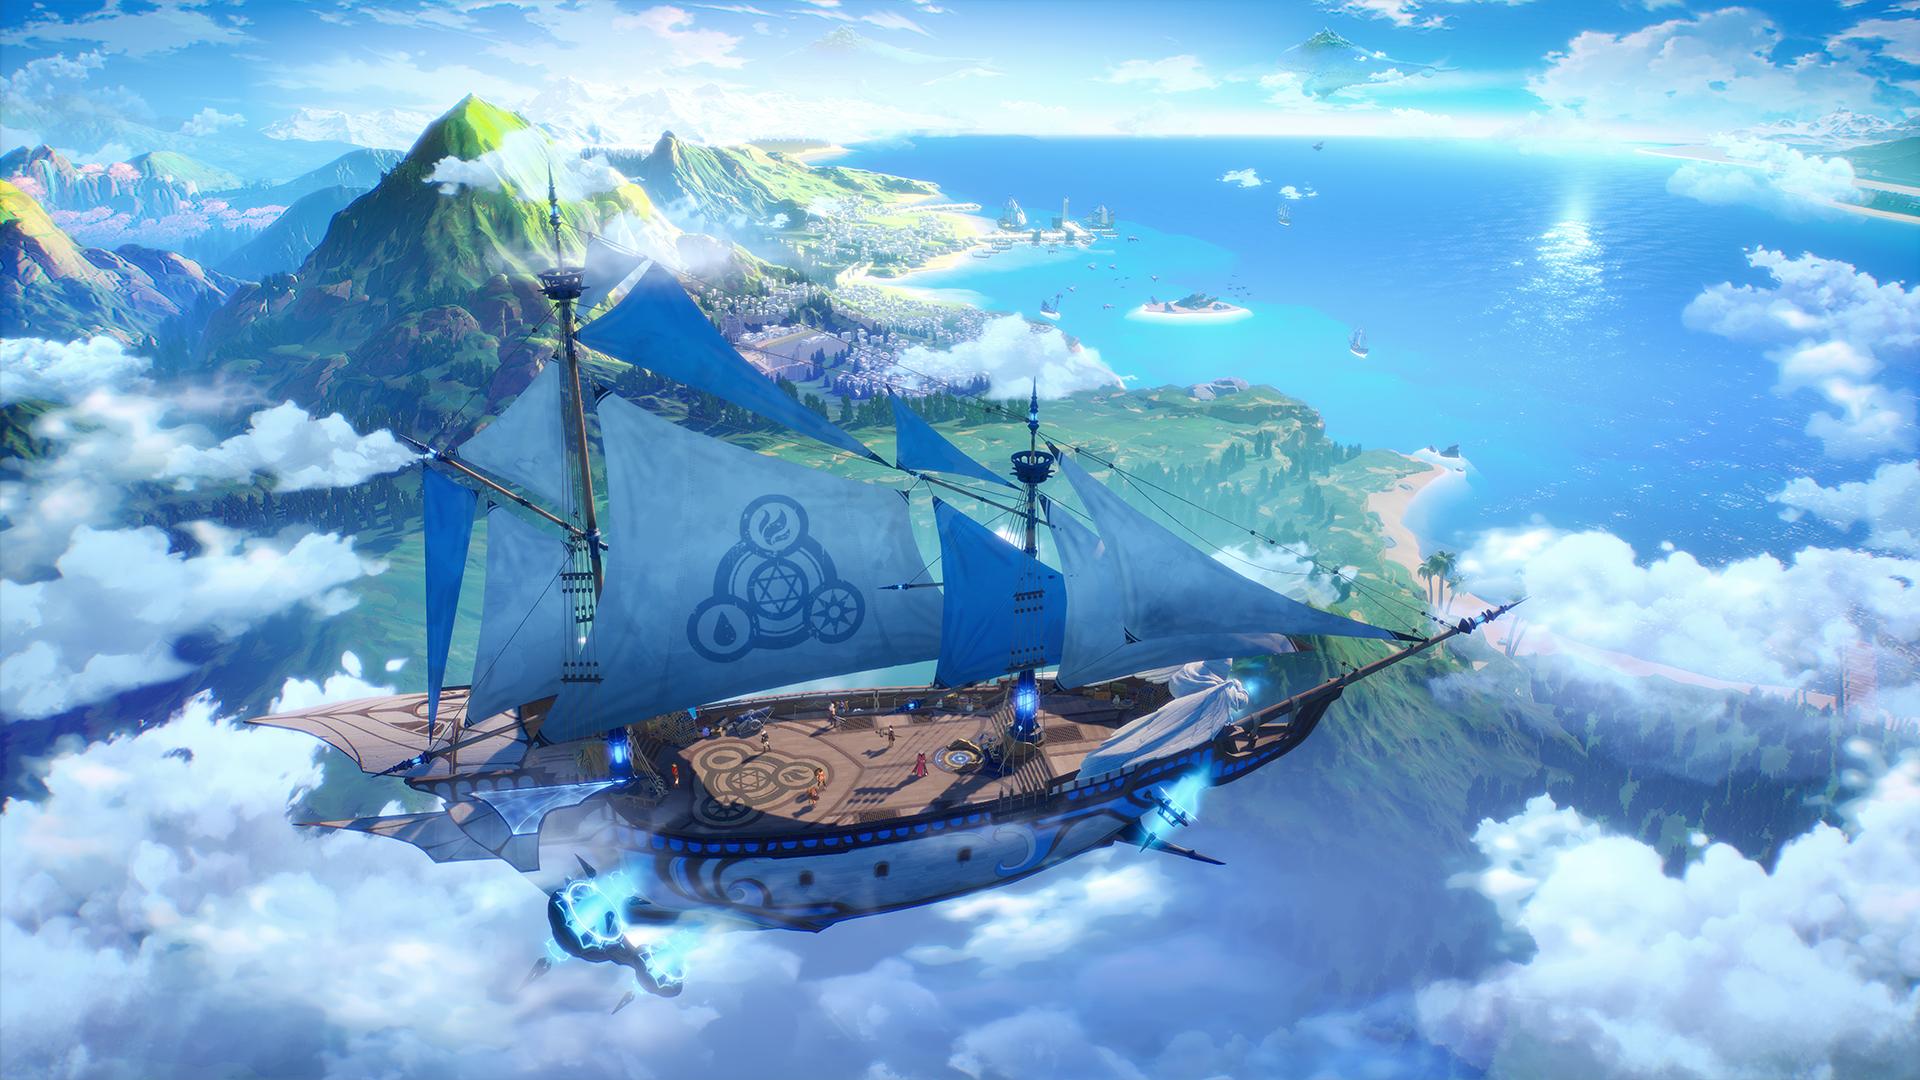 新作《地下城与勇士:OVERKILL》展示更多角色、场景新图